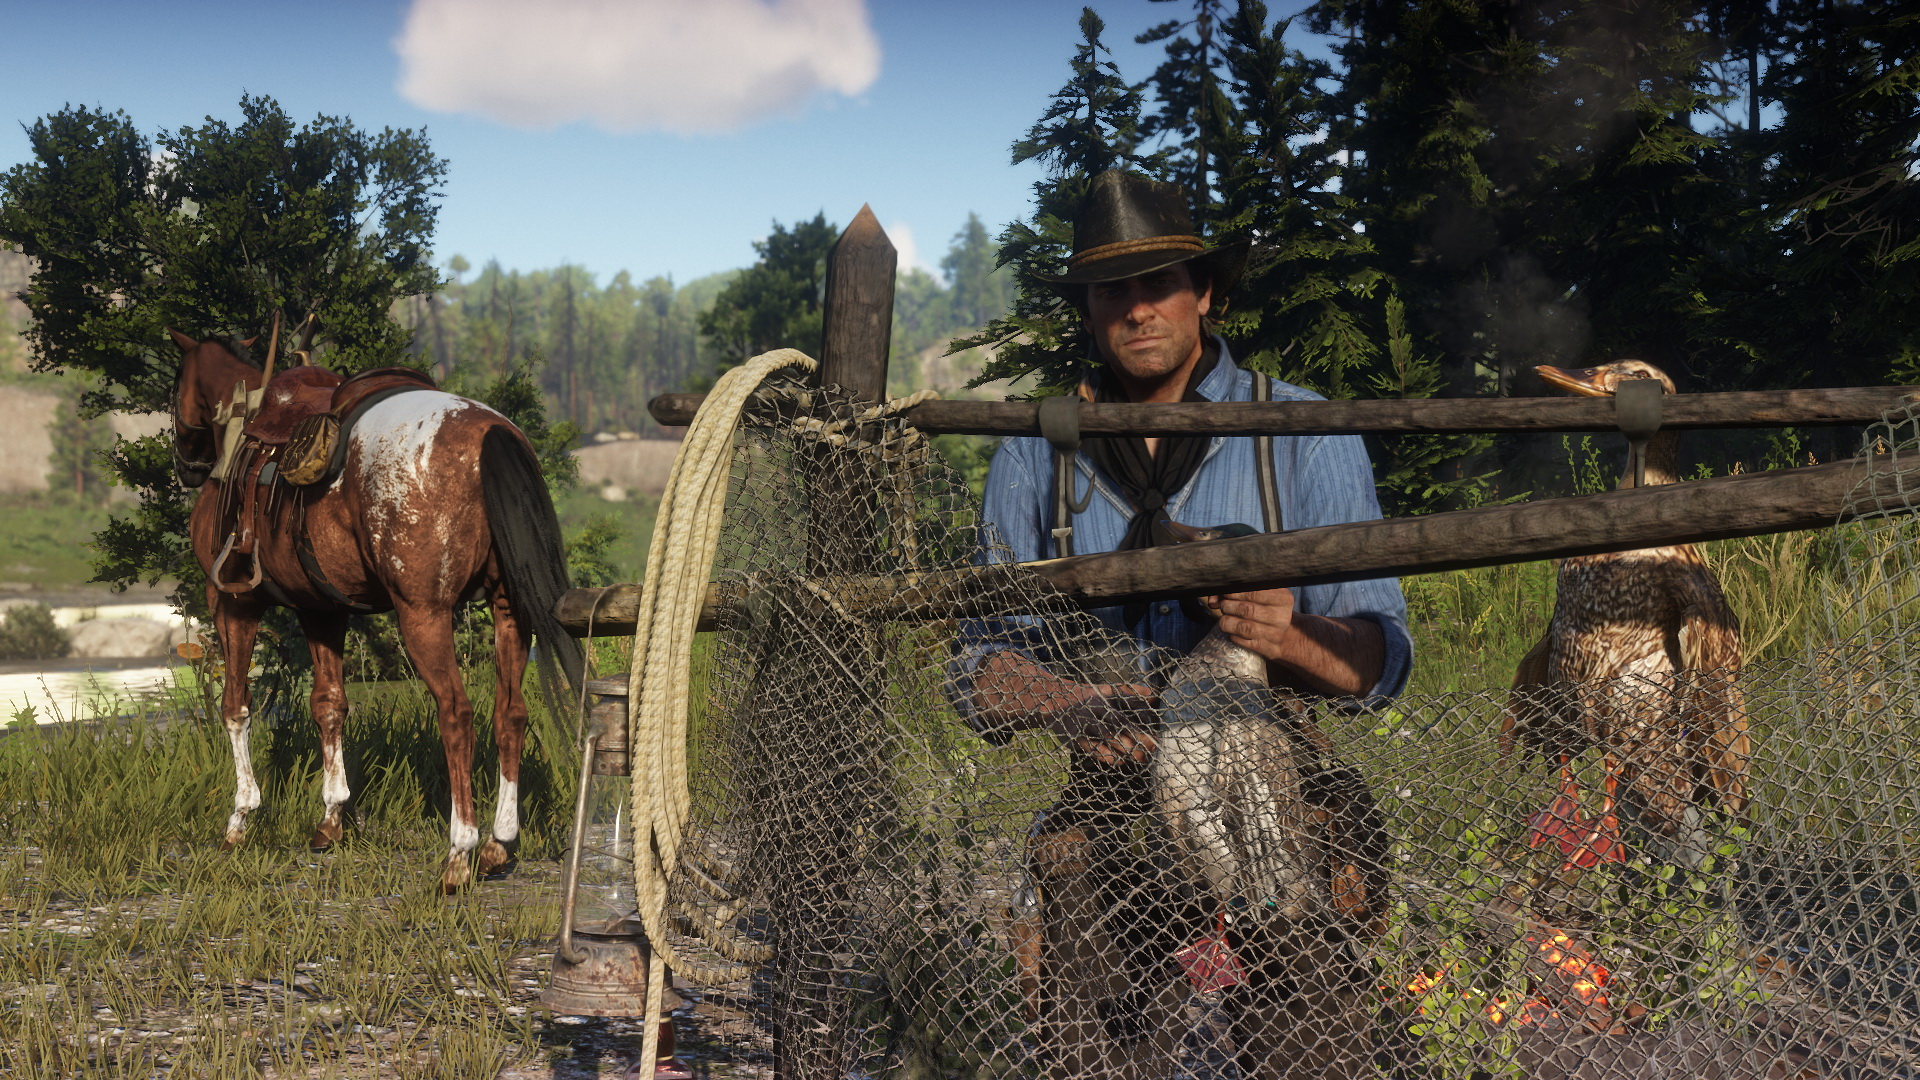 Das ruft sicherlich Tierorganisationen auf den Plan: Neue Screenshots zu Red Dead Redemption 2. Bilderquelle: Rockstar Games